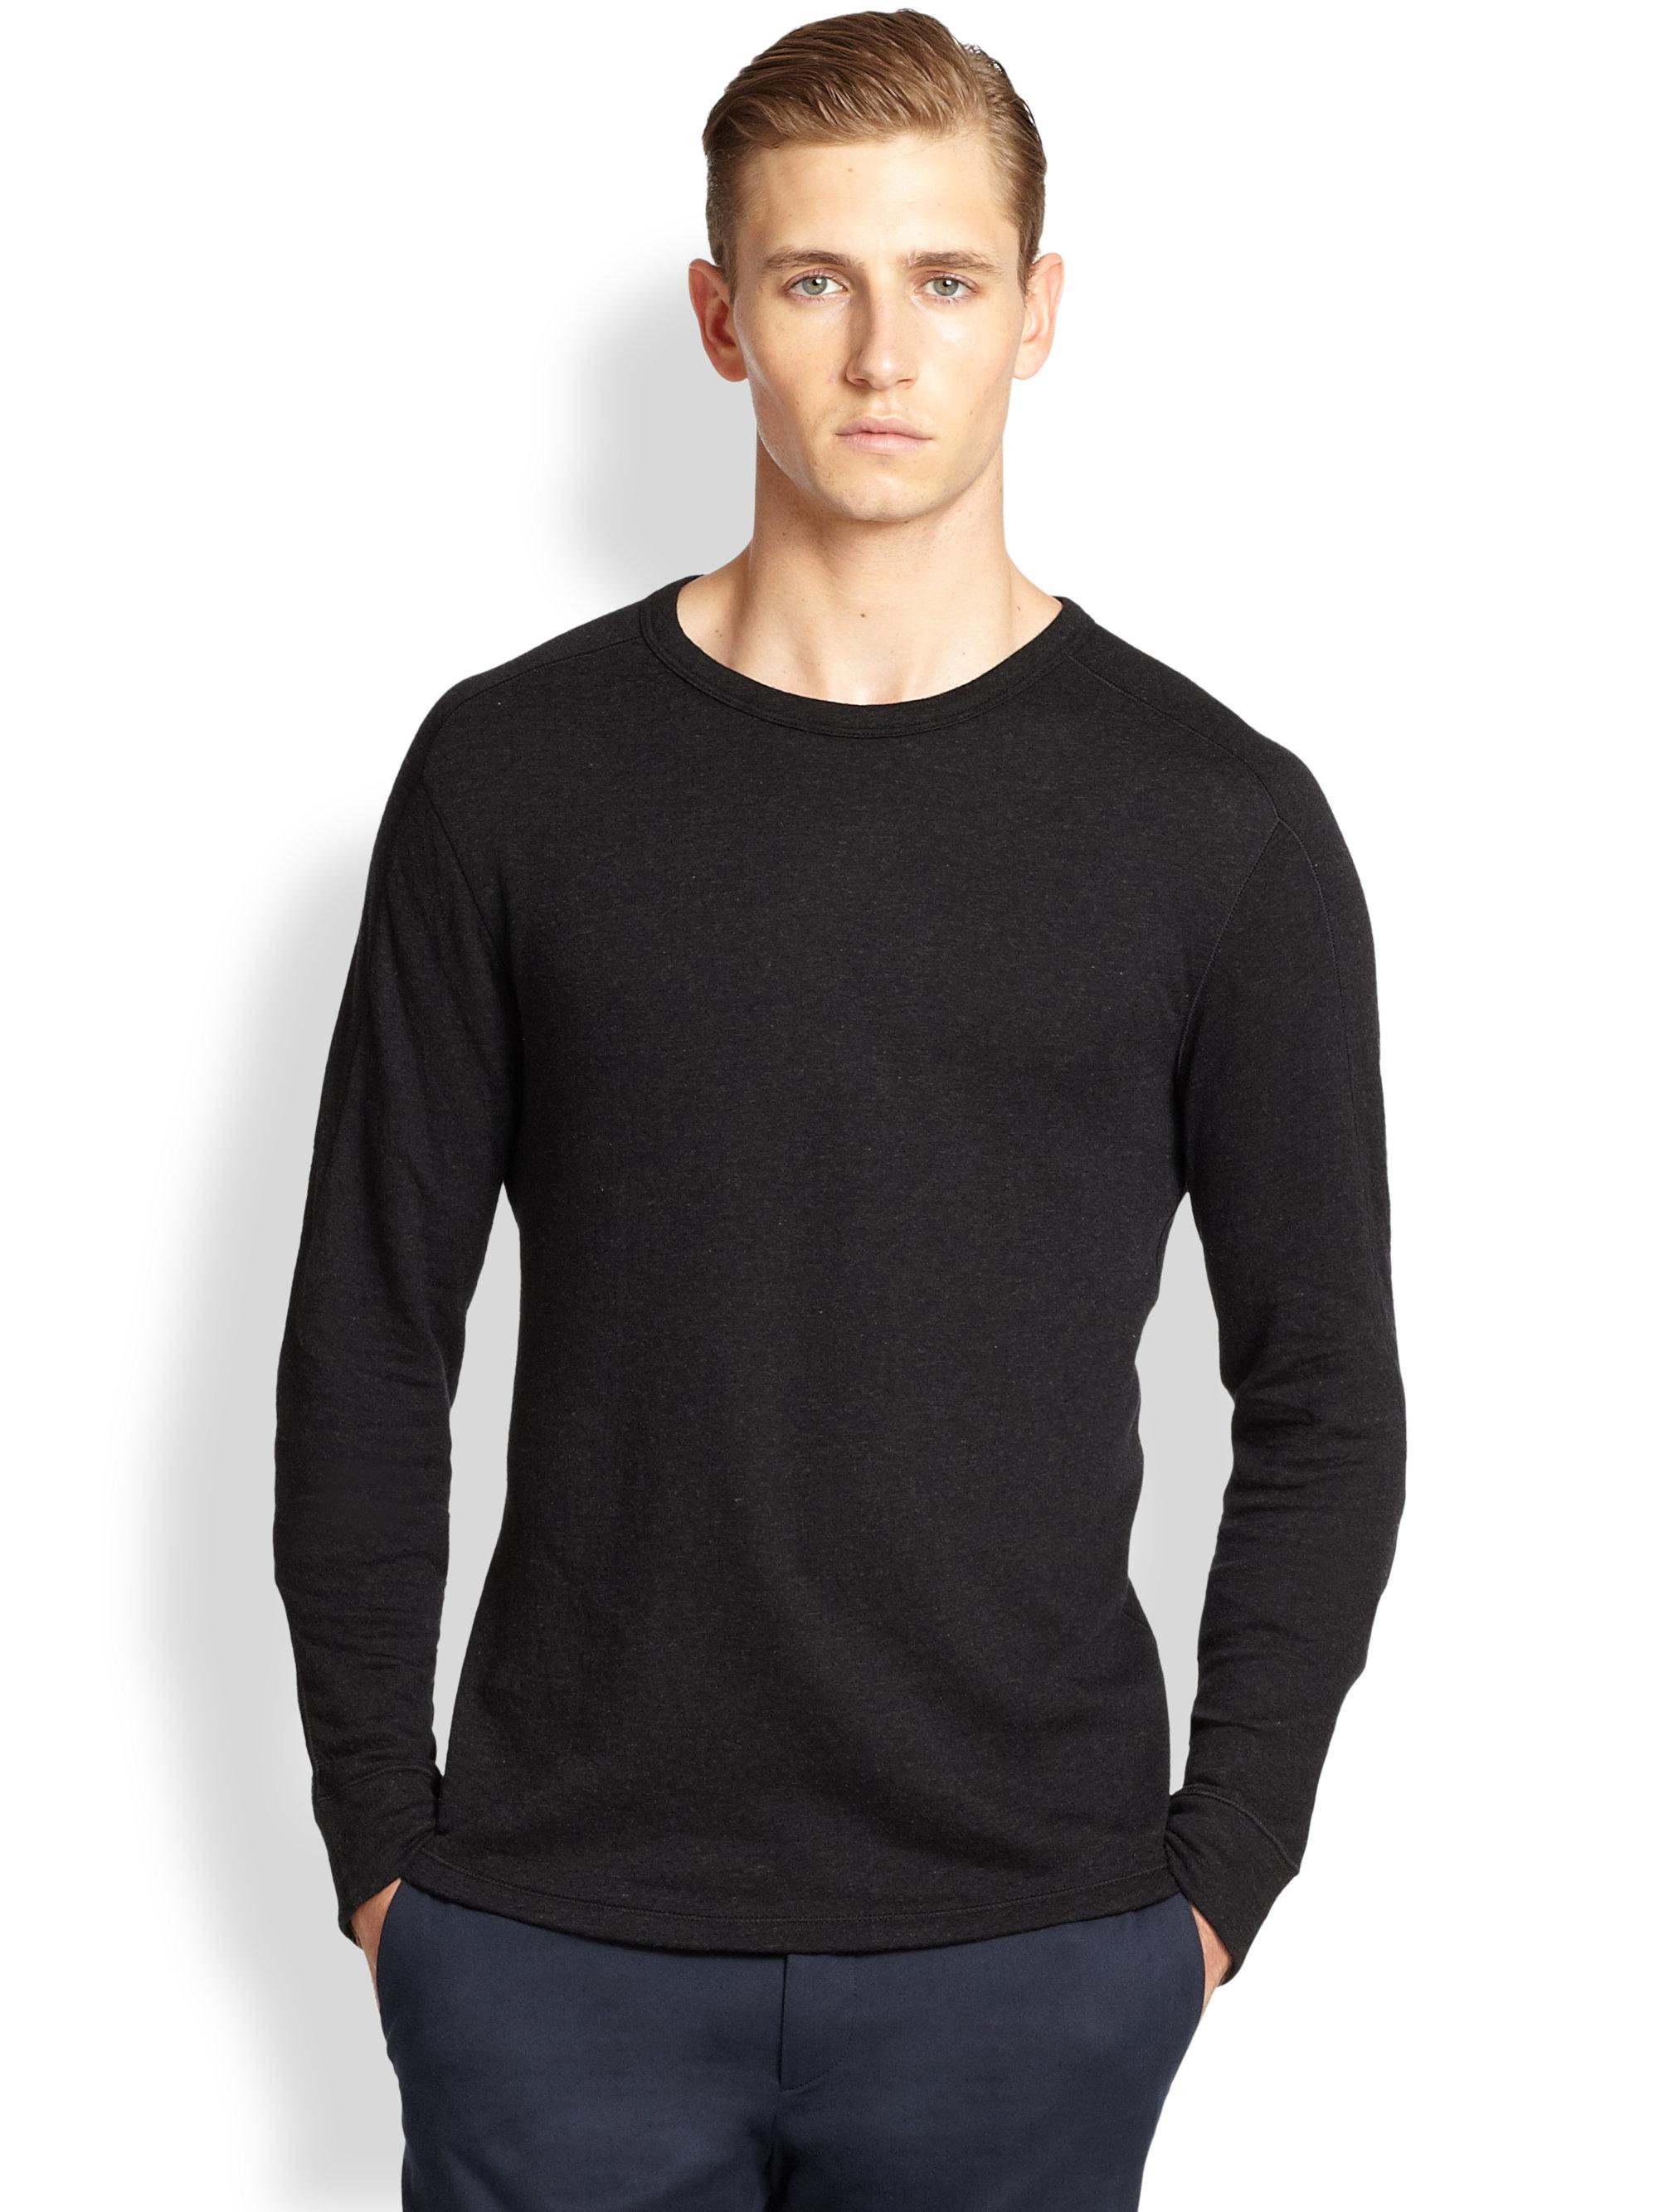 ralph lauren black label crewneck pullover in black for. Black Bedroom Furniture Sets. Home Design Ideas